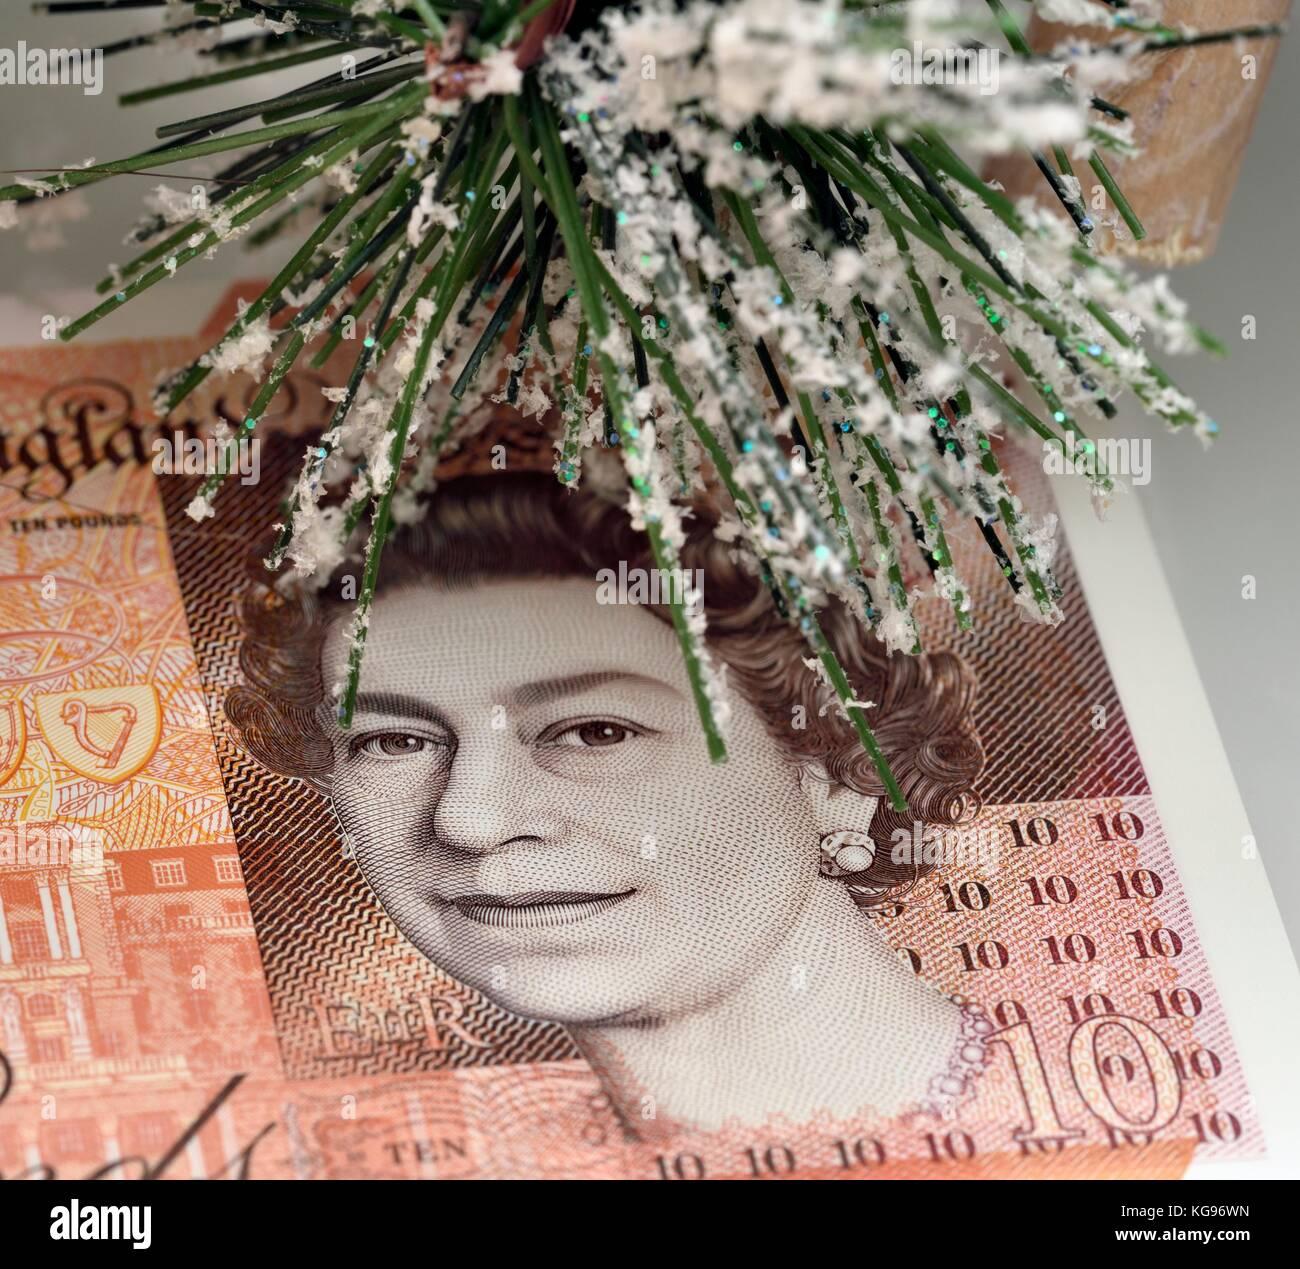 Christmas spending money queens head - Stock Image